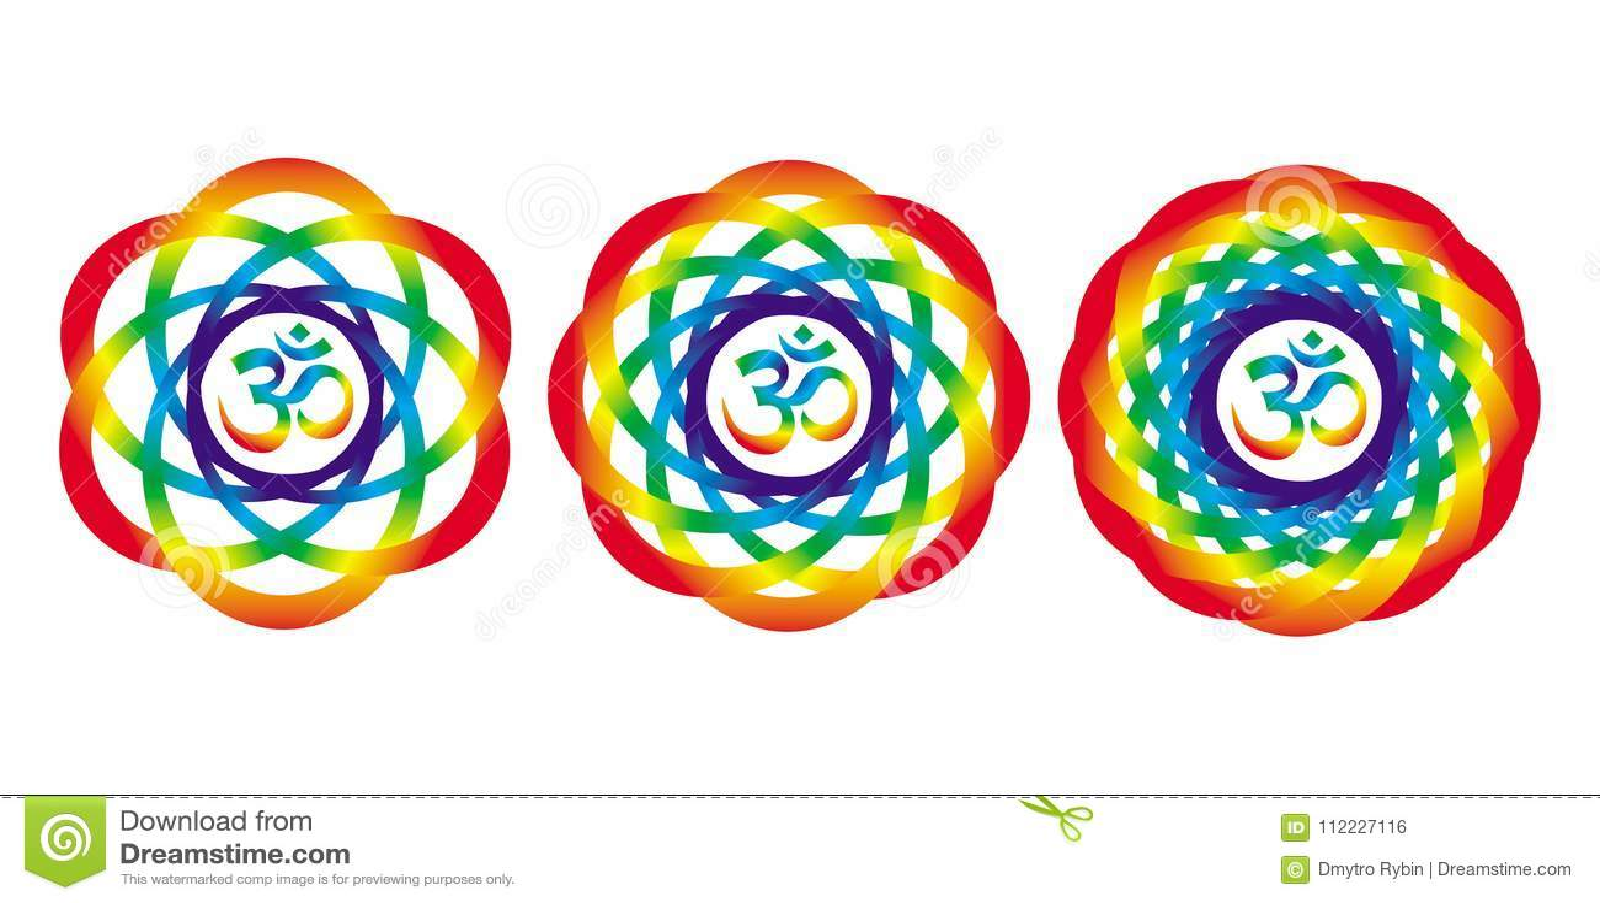 Regenboogmandala met een teken van Aum Om Abstract artistiek voorwerp